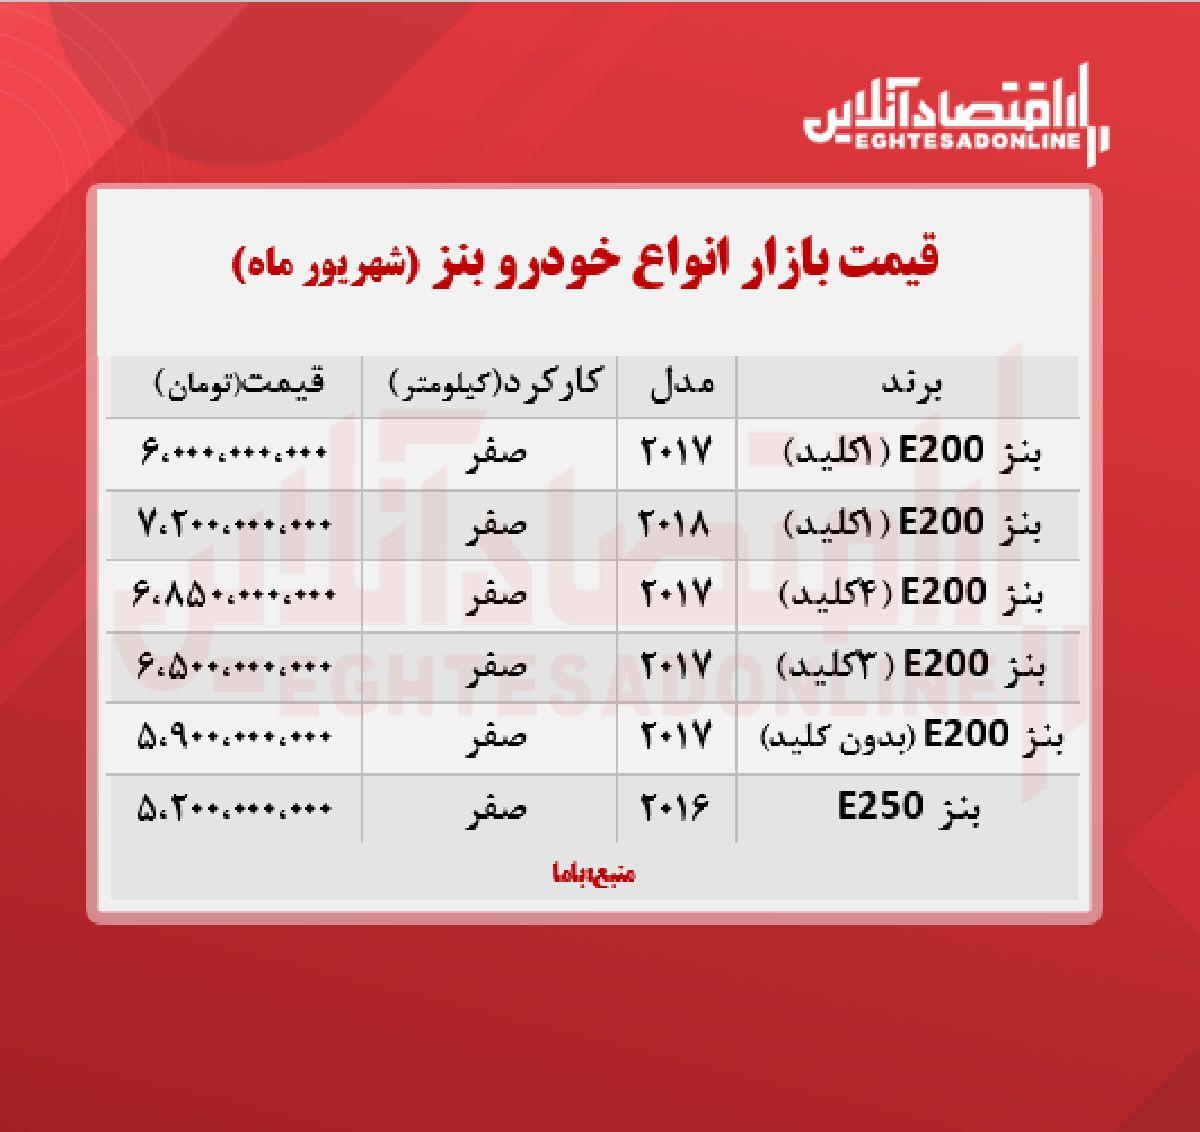 قیمت جدید انواع بنز در ایران + جدول